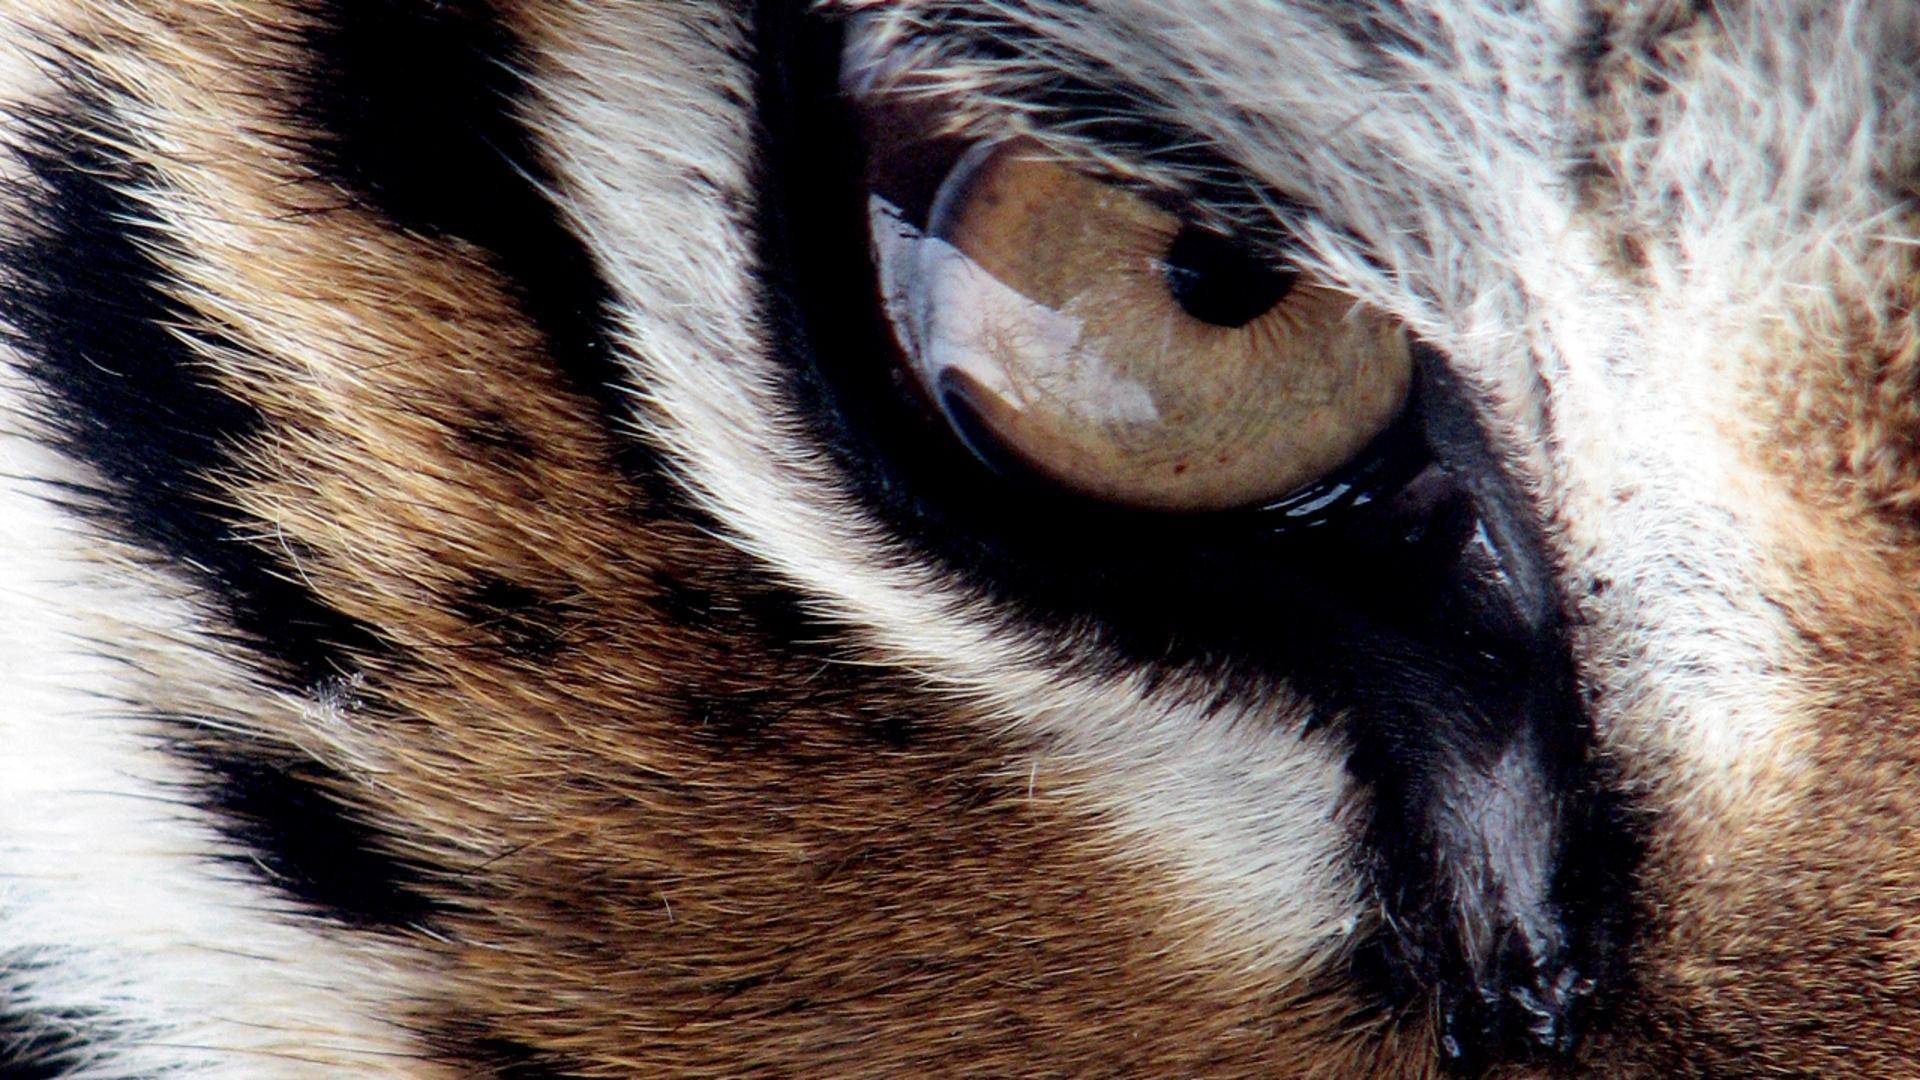 Tiger Desktop Wallpapers. Tiger Desktop Wallpapers · Tiger HD